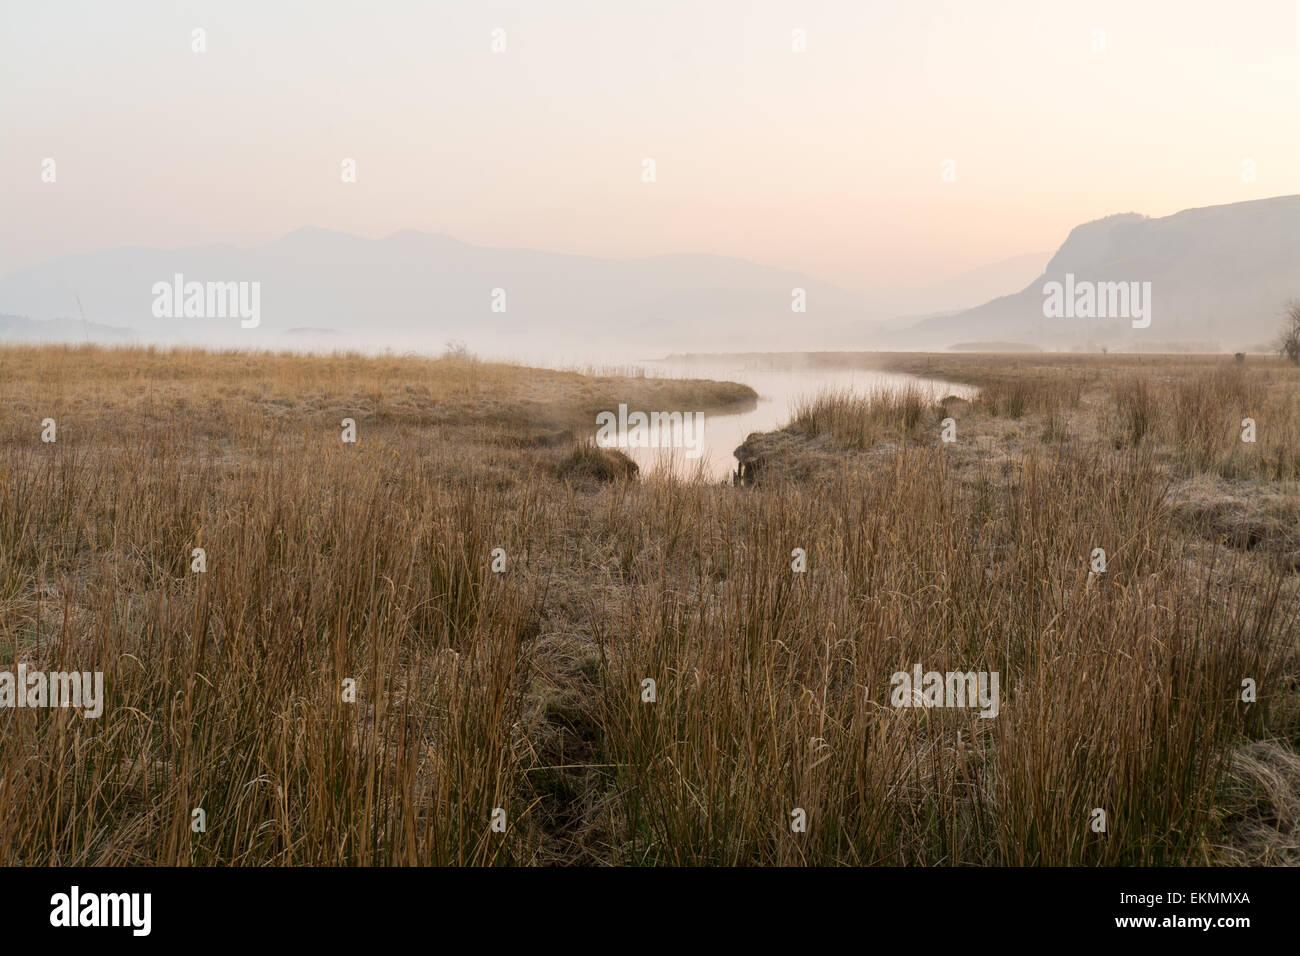 Alba e la nebbia di iniziare a sollevare come il fiume Derwent incontra Derwentwater - Lake District inglese Immagini Stock